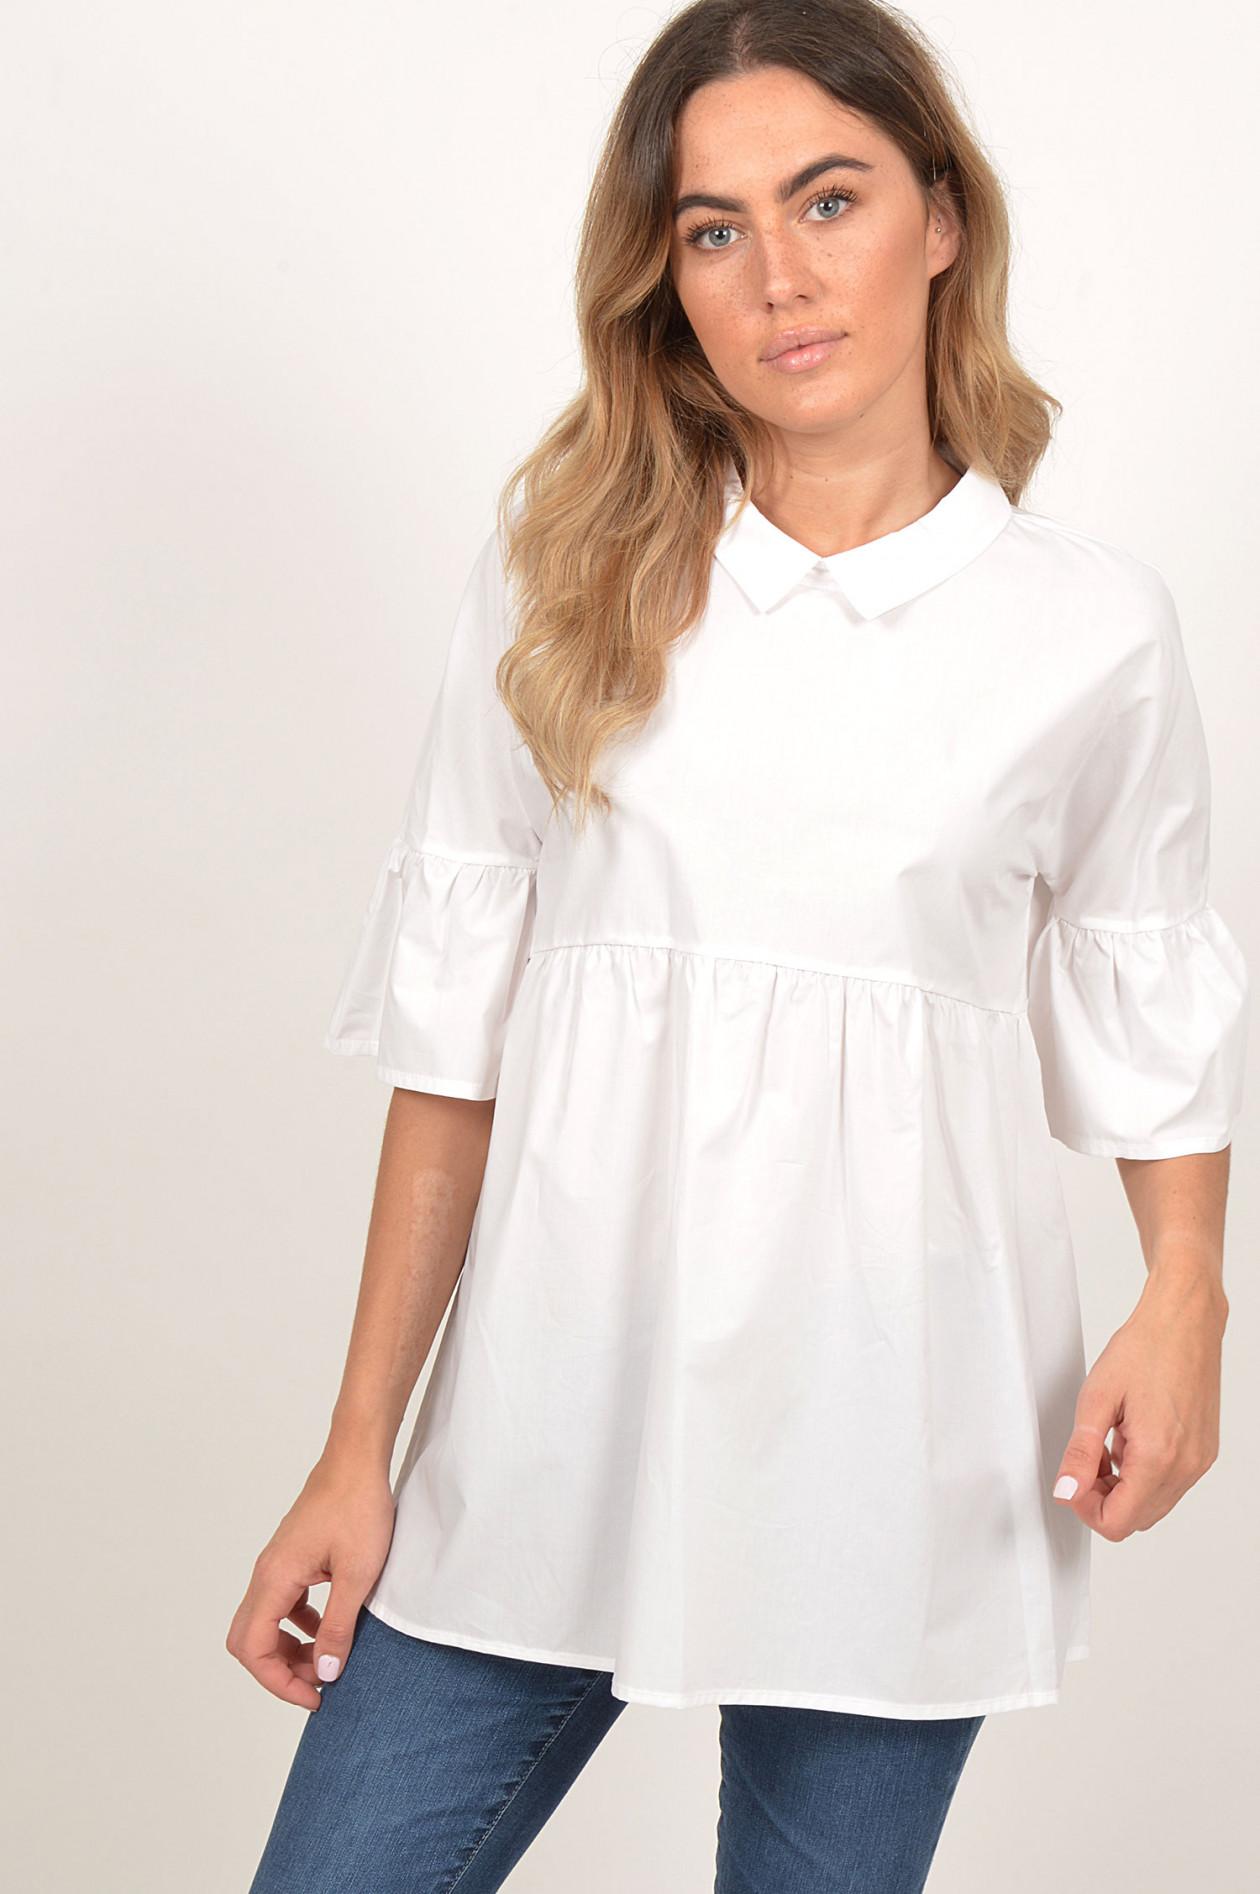 info for ee602 8cd63 Bluse aus Baumwolle in Weiß